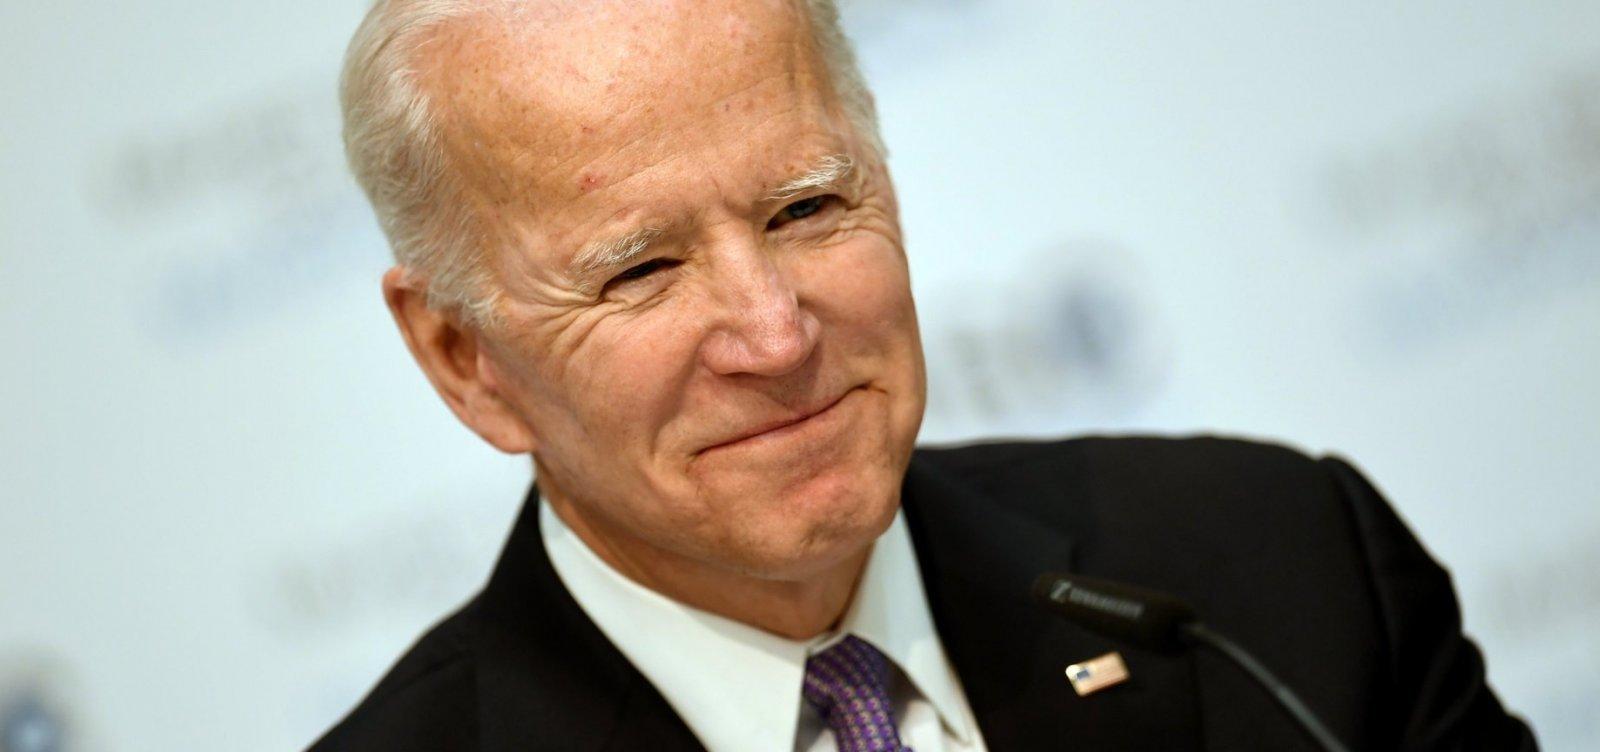 Biden anuncia primeiras medidas do governo